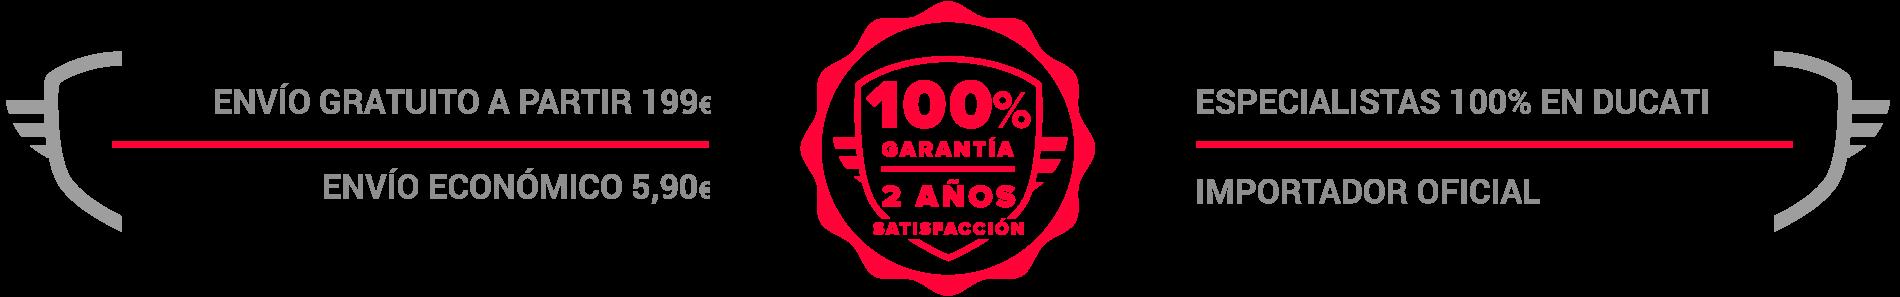 información de envío gratuito